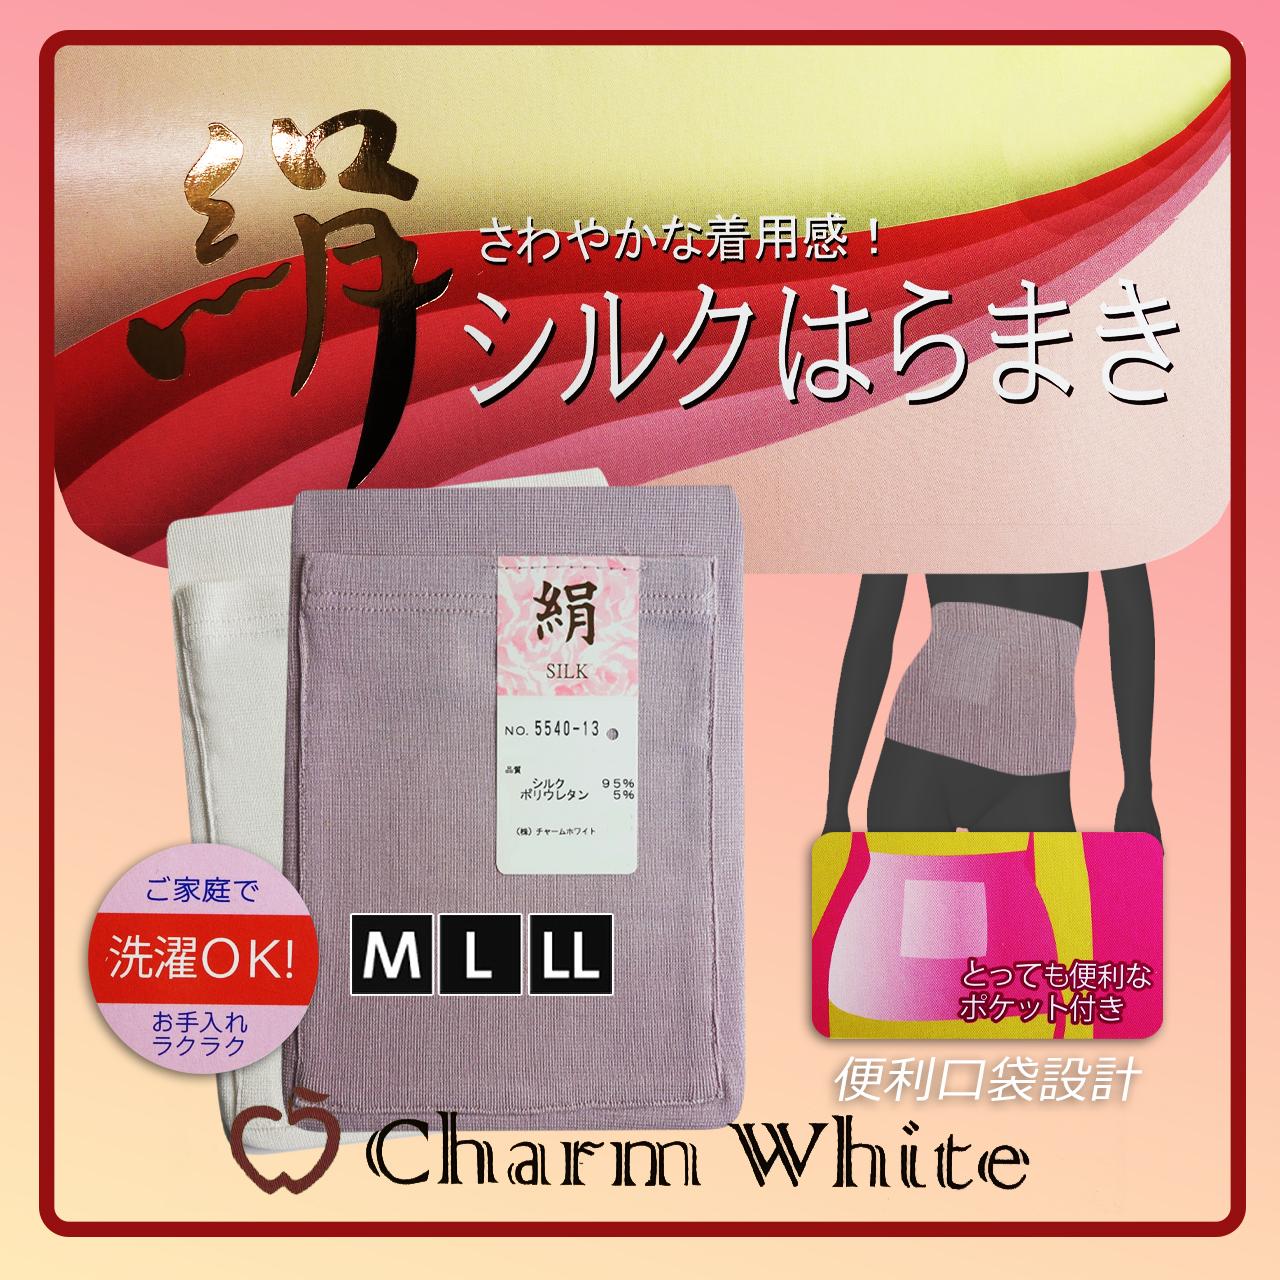 《HOYA-Life日本生活館》日本 絲質 滑順 細緻 口袋式 腹捲 肚圍 腹圍 保暖 禦寒